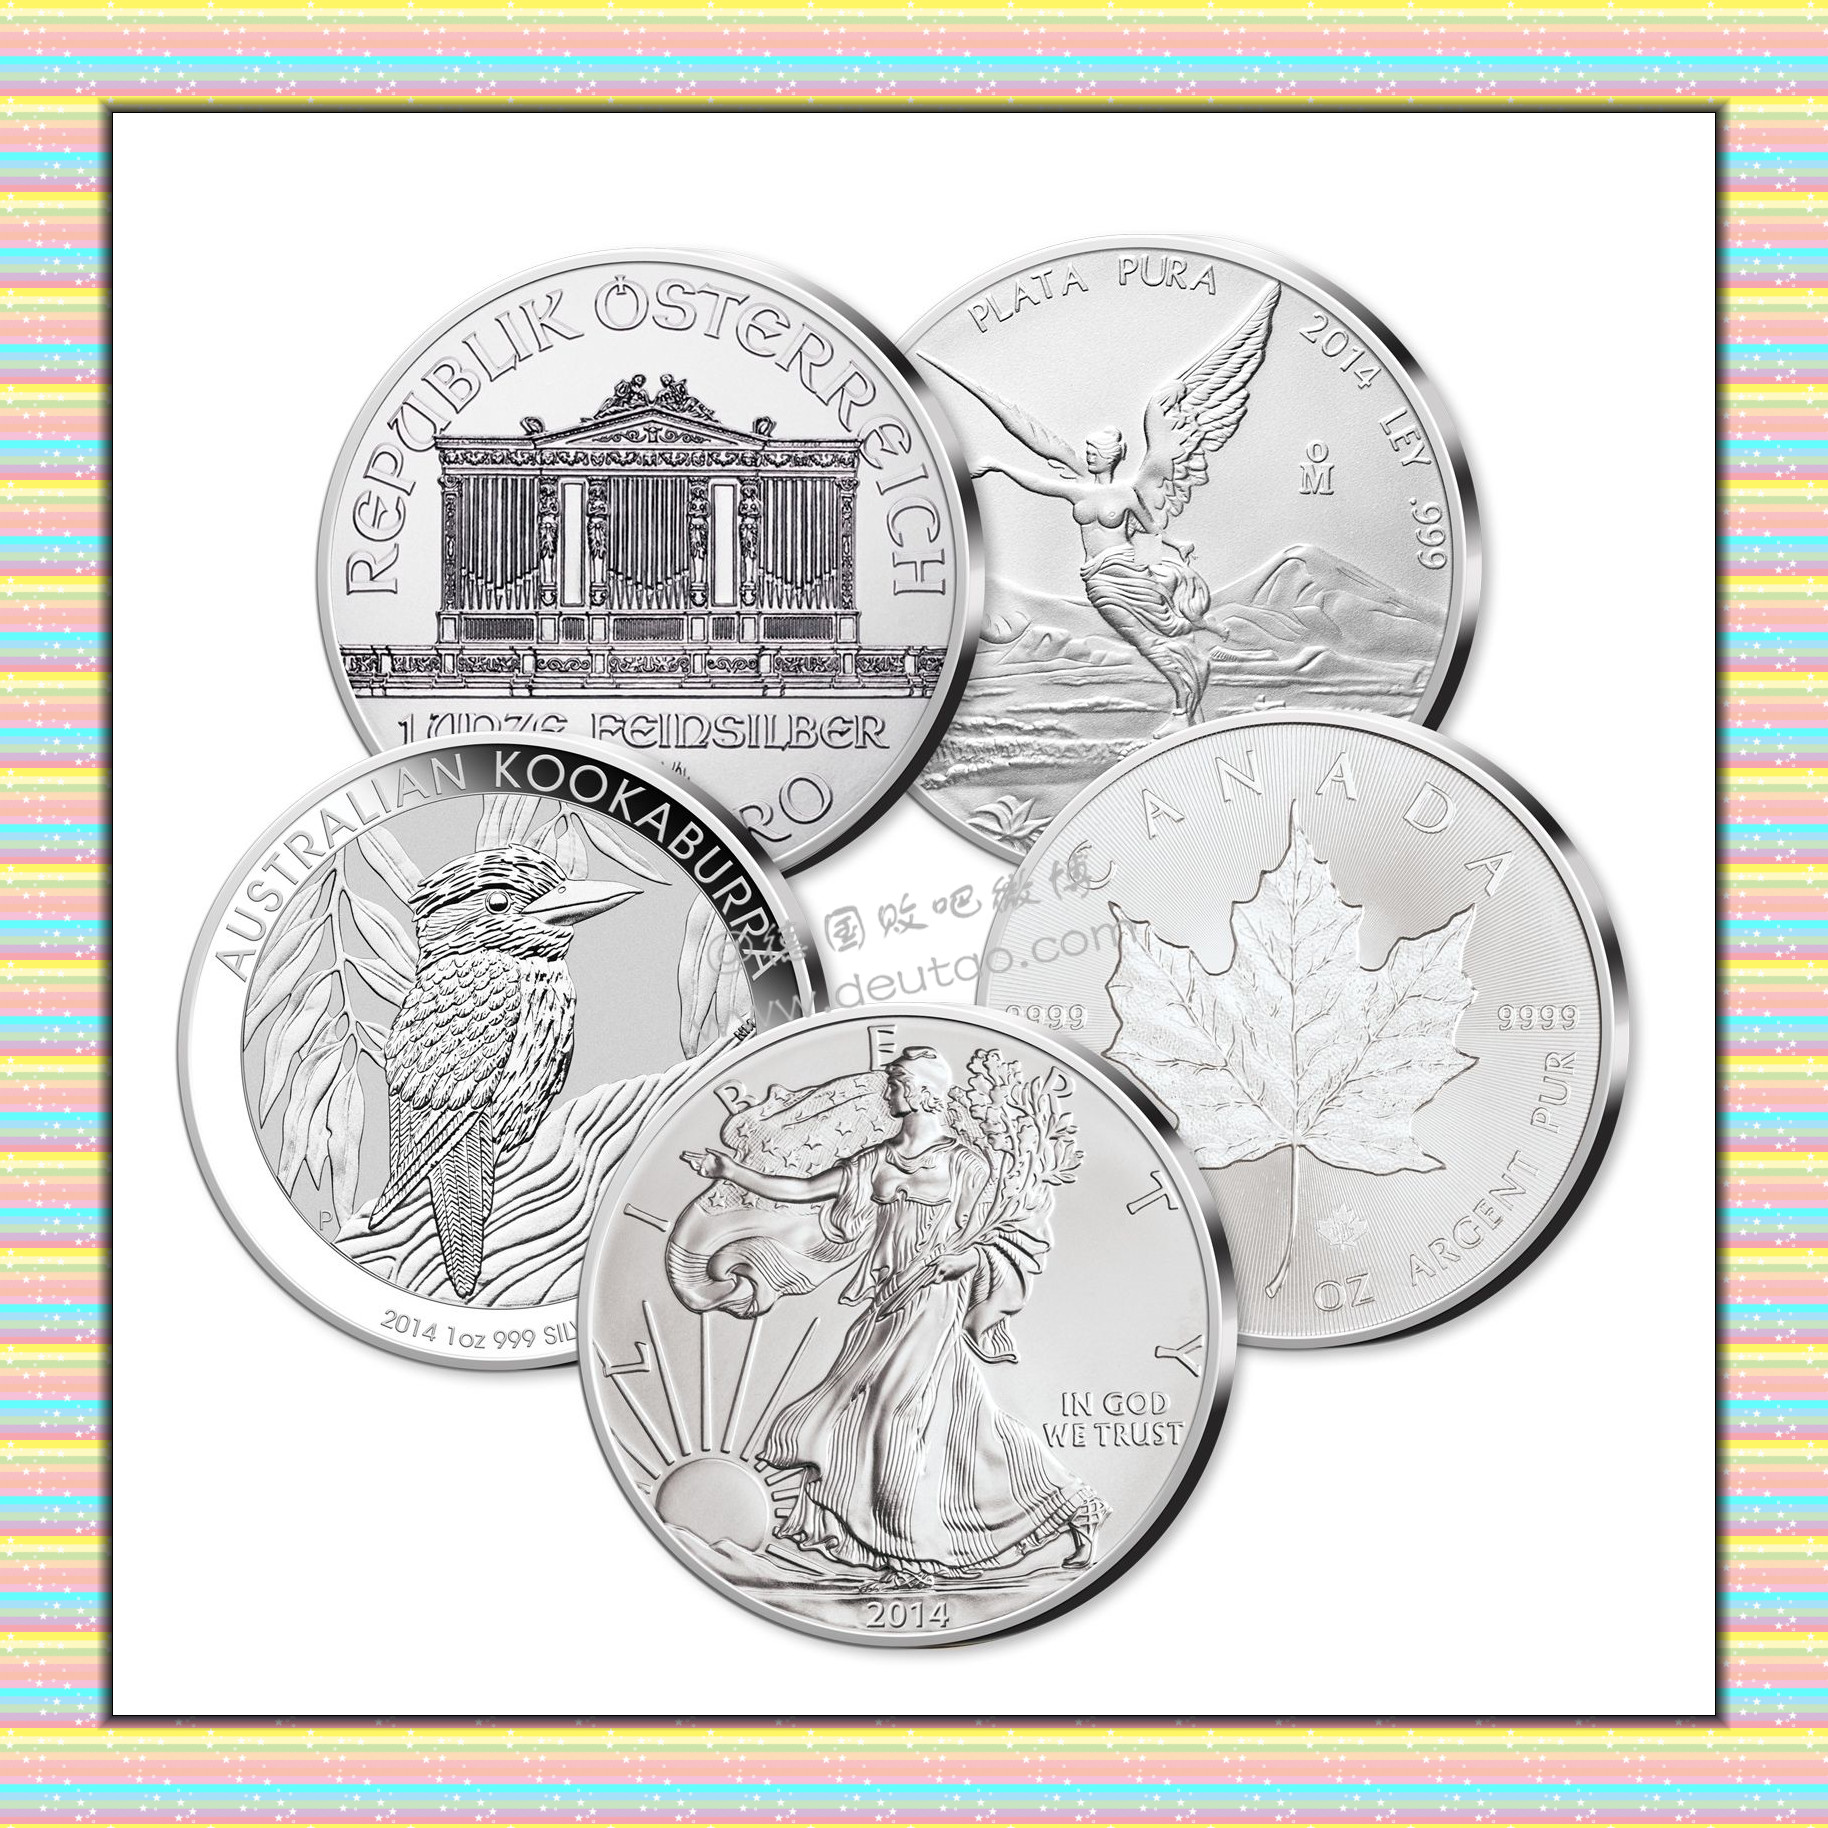 世界最著名五种银质纪念币 2014年版